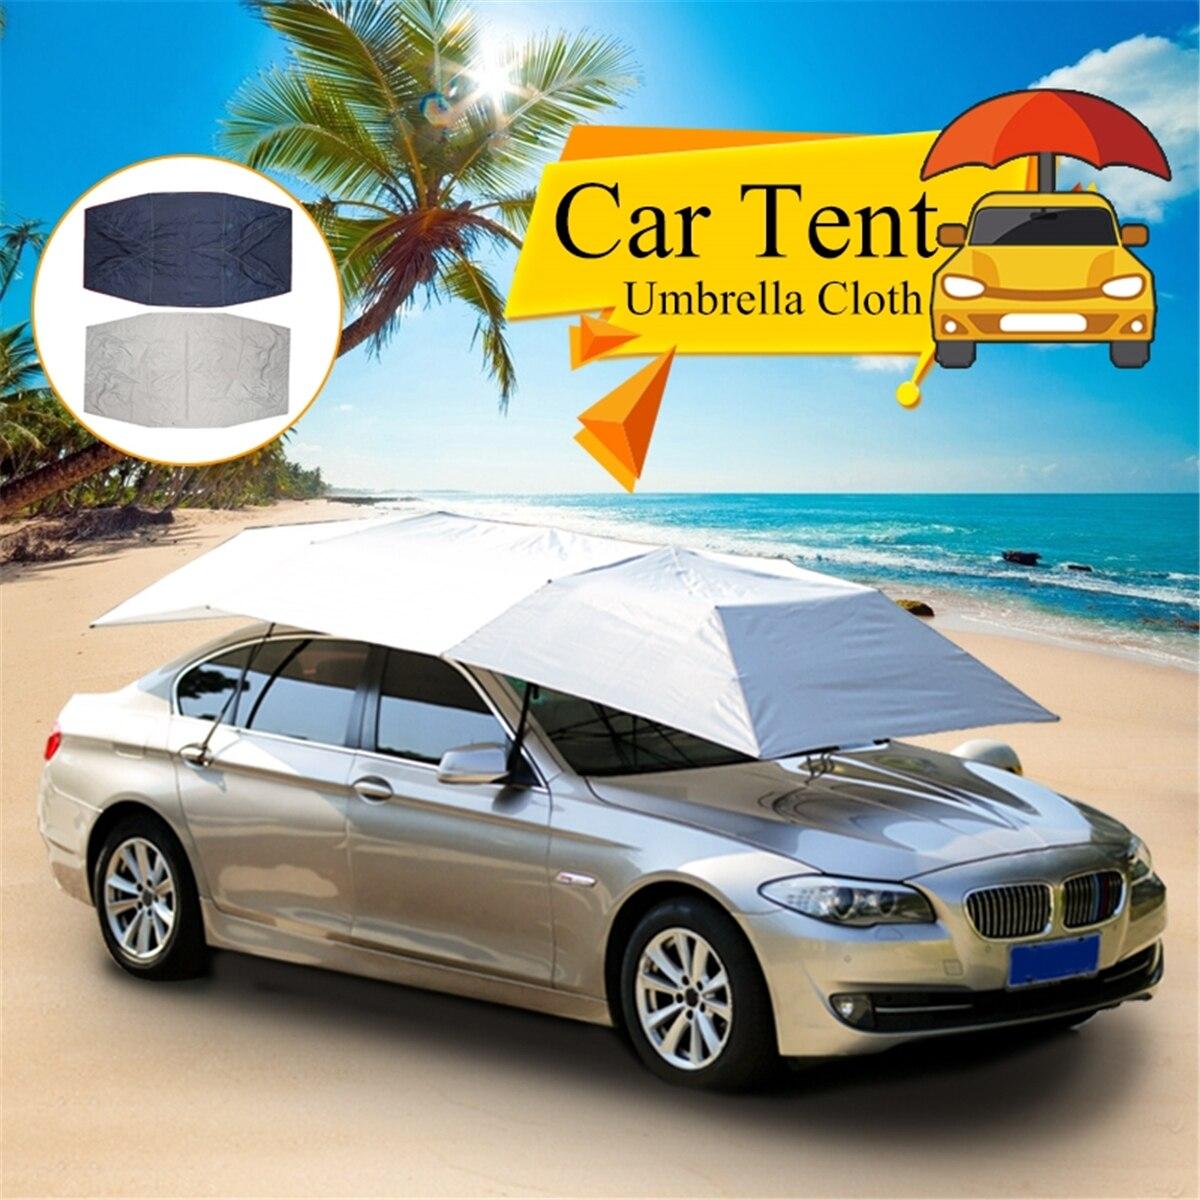 Складной приставная палатка для автомобиля Зонт навес крыша крышка Ткань полный автоматический анти УФ водостойкий ветрозащитный сменный ...